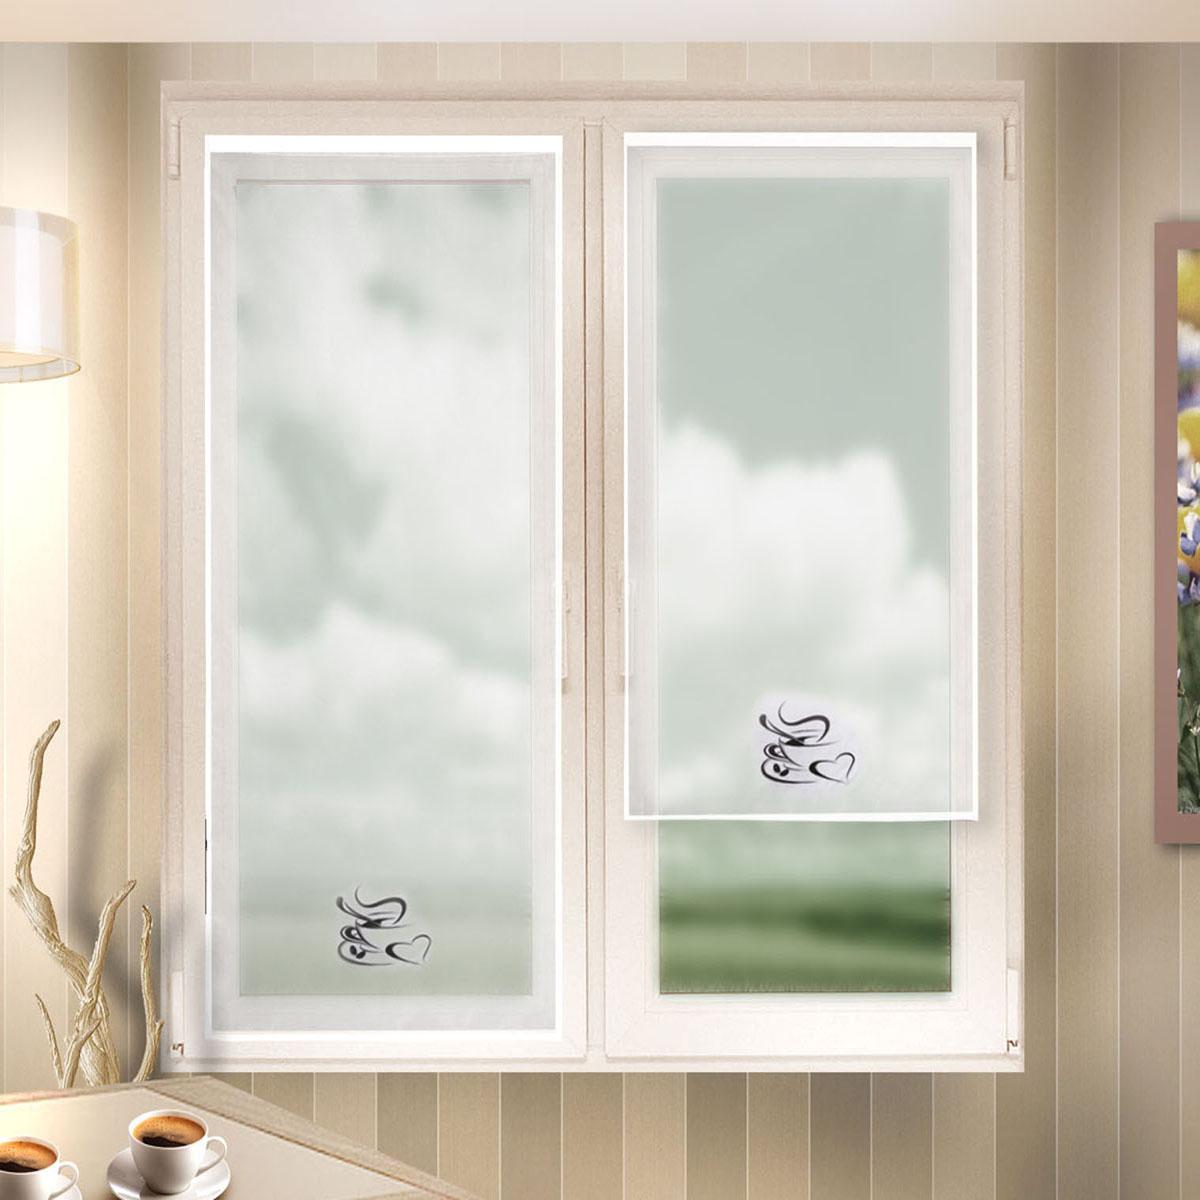 Гардина Zlata Korunka, цвет: белый, ширина 60 см, высота 140 см. 666021666021Лучшая альтернатива рулонным шторам на кухне – шторы на липкой ленте. Особенность этих штор заключается в том, что они имеют липкую основу в месте крепления . Лента или основа надежно и быстро крепится на раму окна, а на нее фиксируется сама штора. Размеры: ширина 60* высота 140